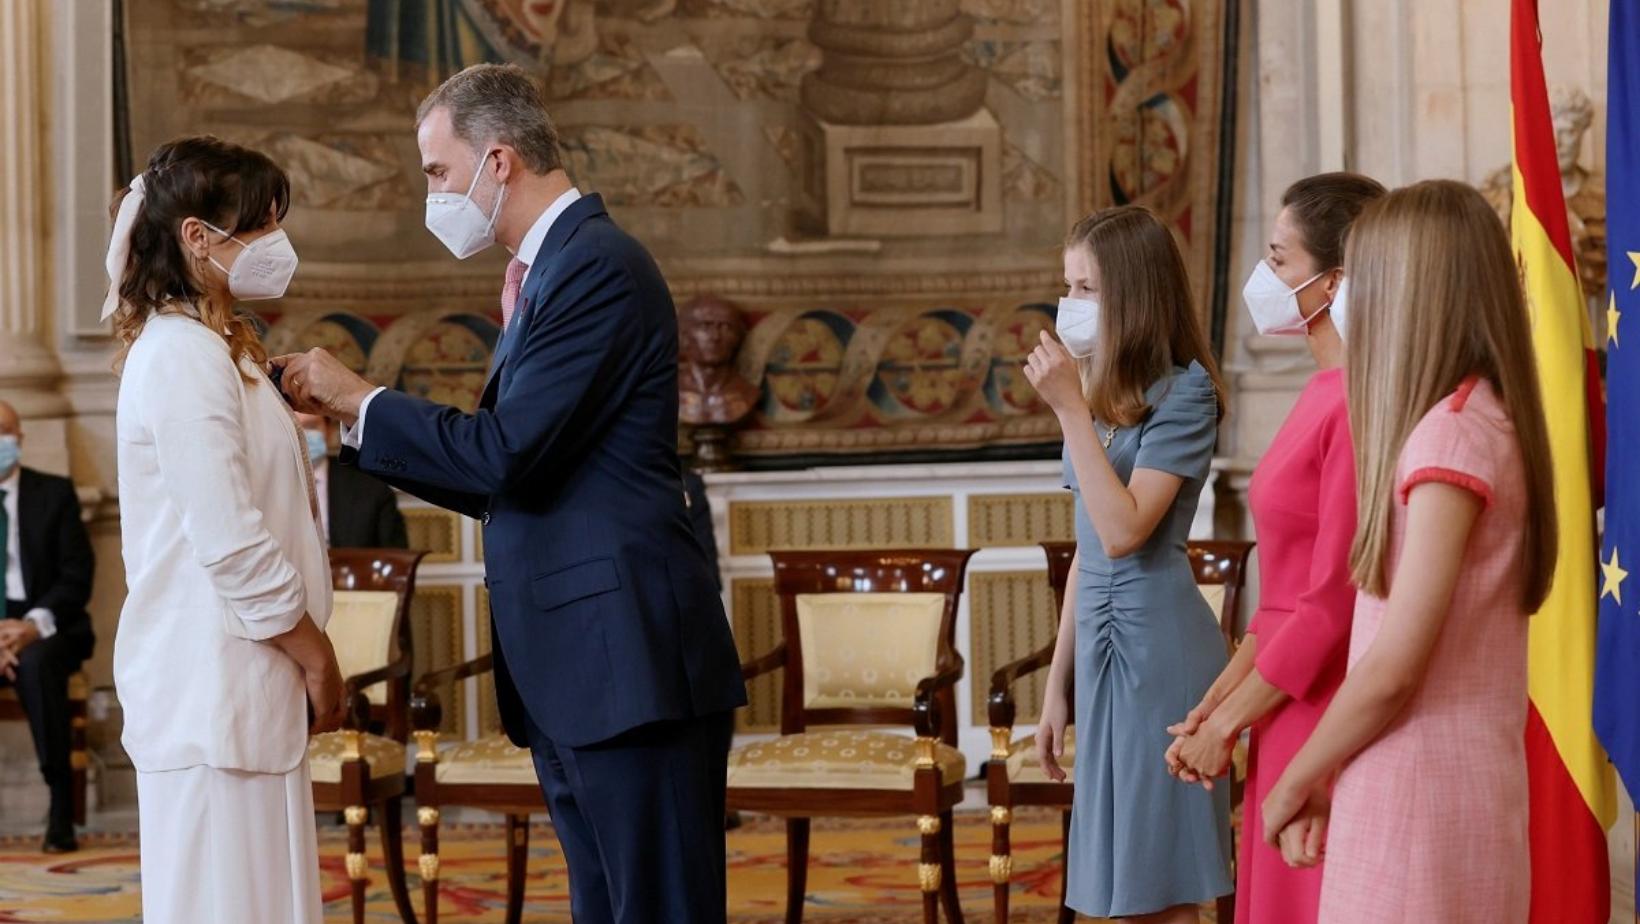 O româncă din Spania, decorată de Regele Felipe al VI-lea cu Ordinul de Merit Civil